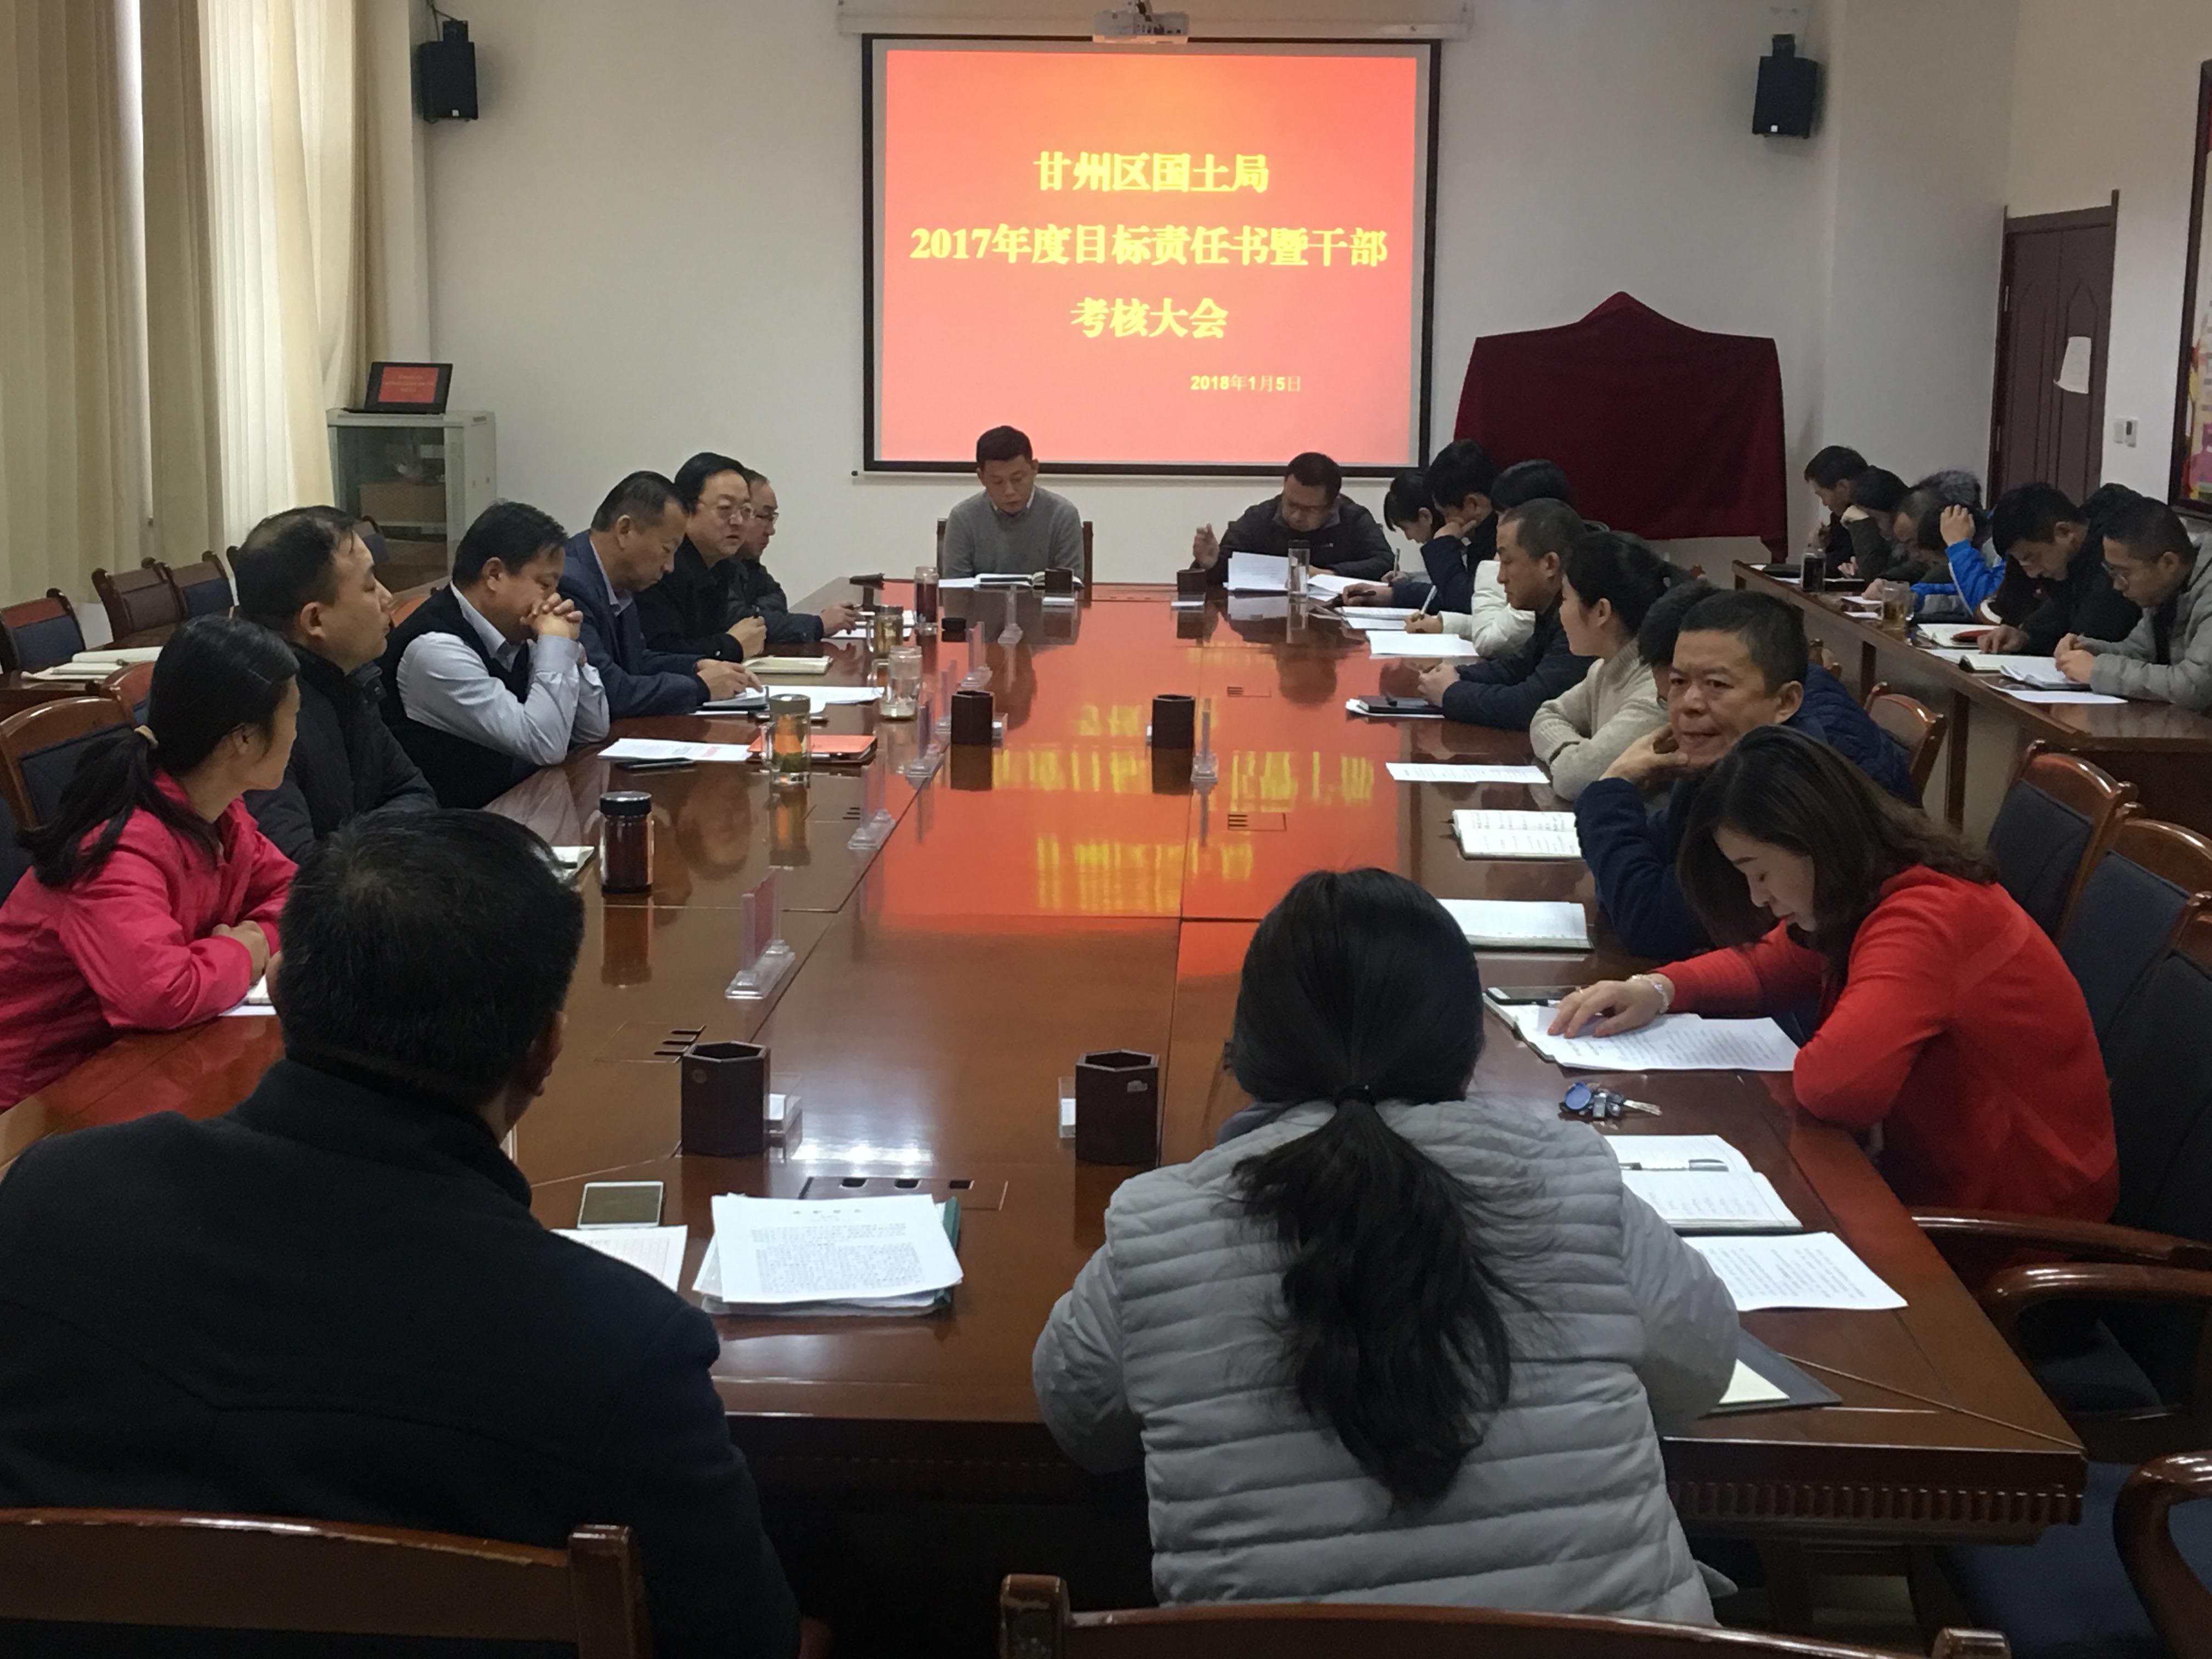 甘州区国土资源局召开2017年目标责任书暨干部考核会